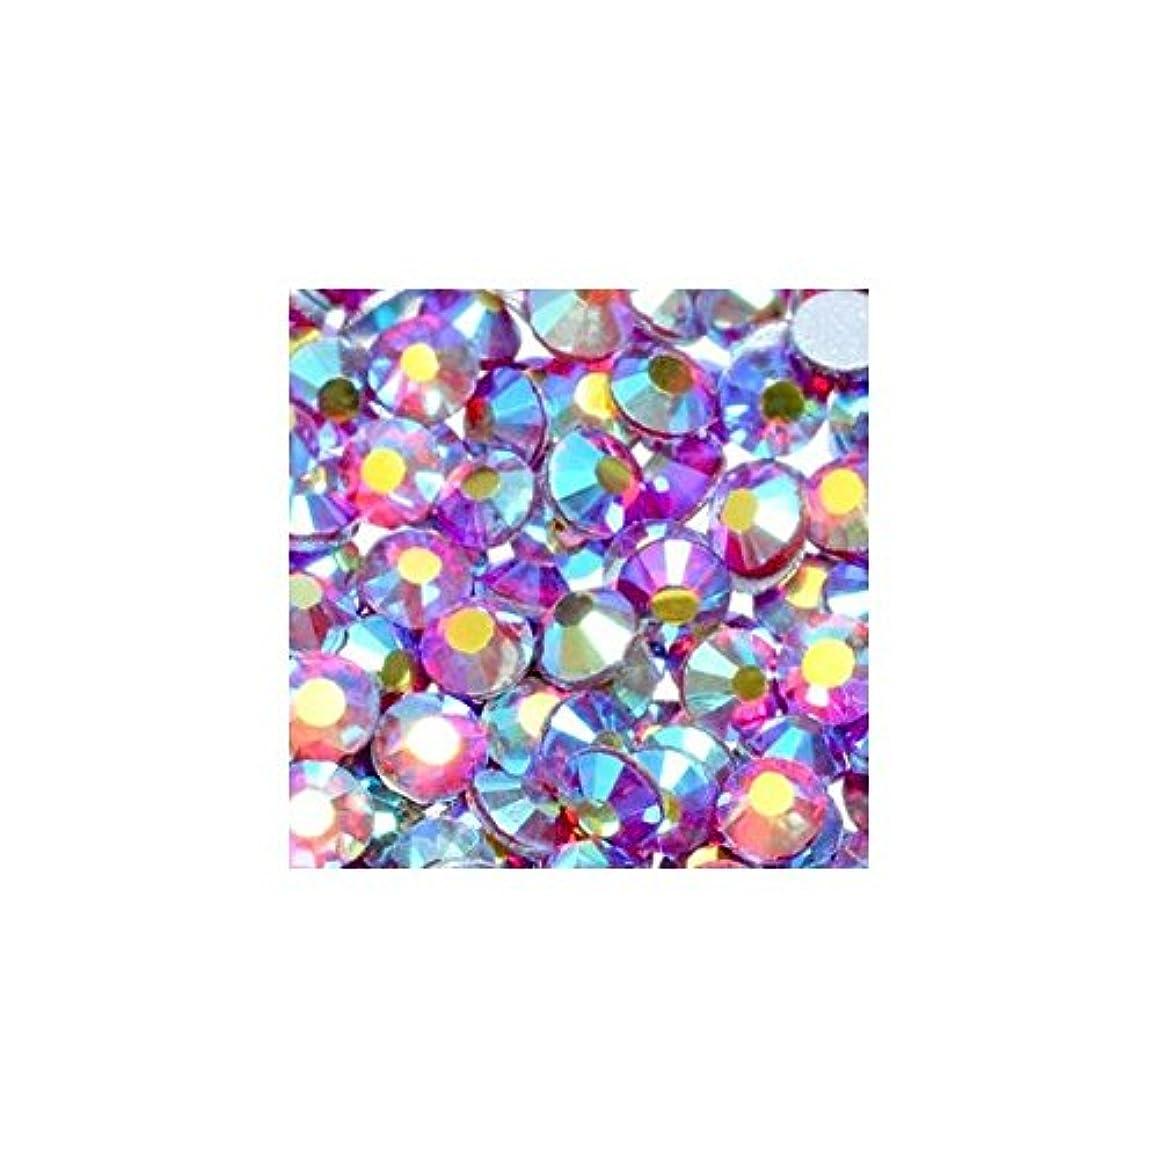 支払い定義紛争高品質クリスタルガラスラインストーン オーロラ ライトシャム Siam AB(SS6) 10Gross 約1440粒